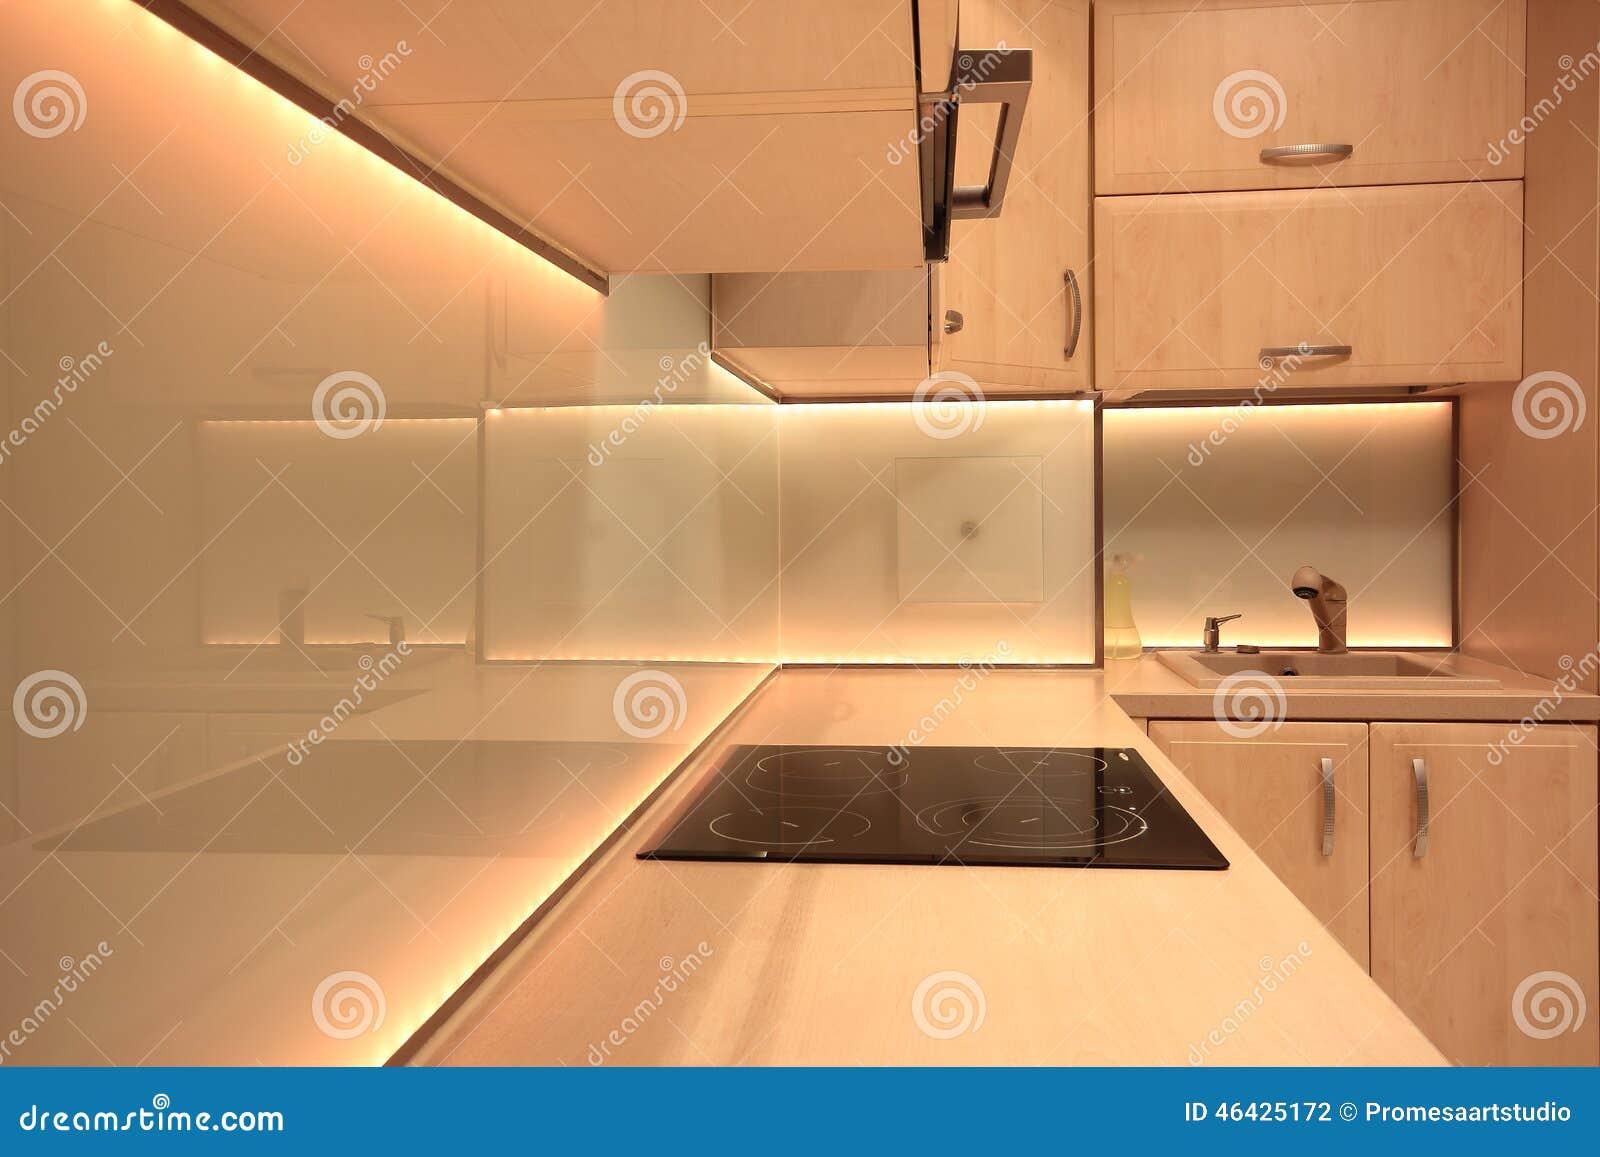 Cucina di lusso moderna con illuminazione gialla del led